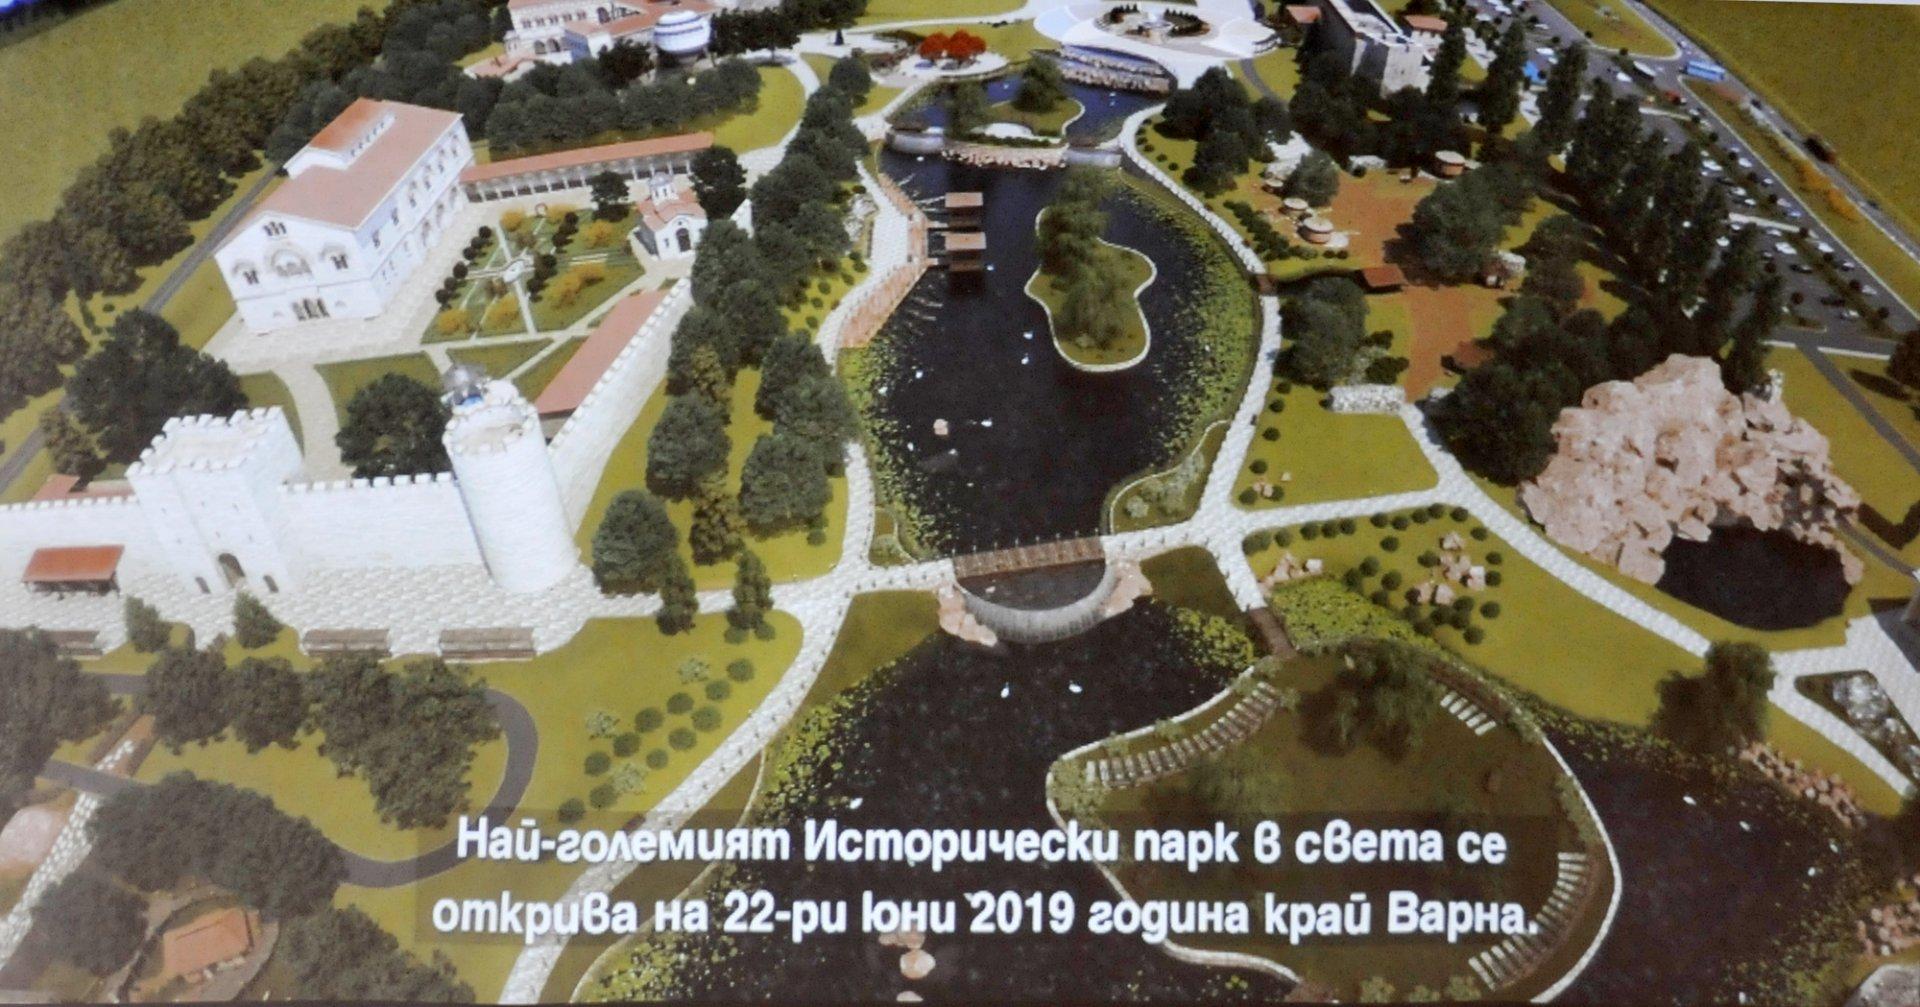 Откриването е планирано за 22-ри юни. Снимки Лина Главинова